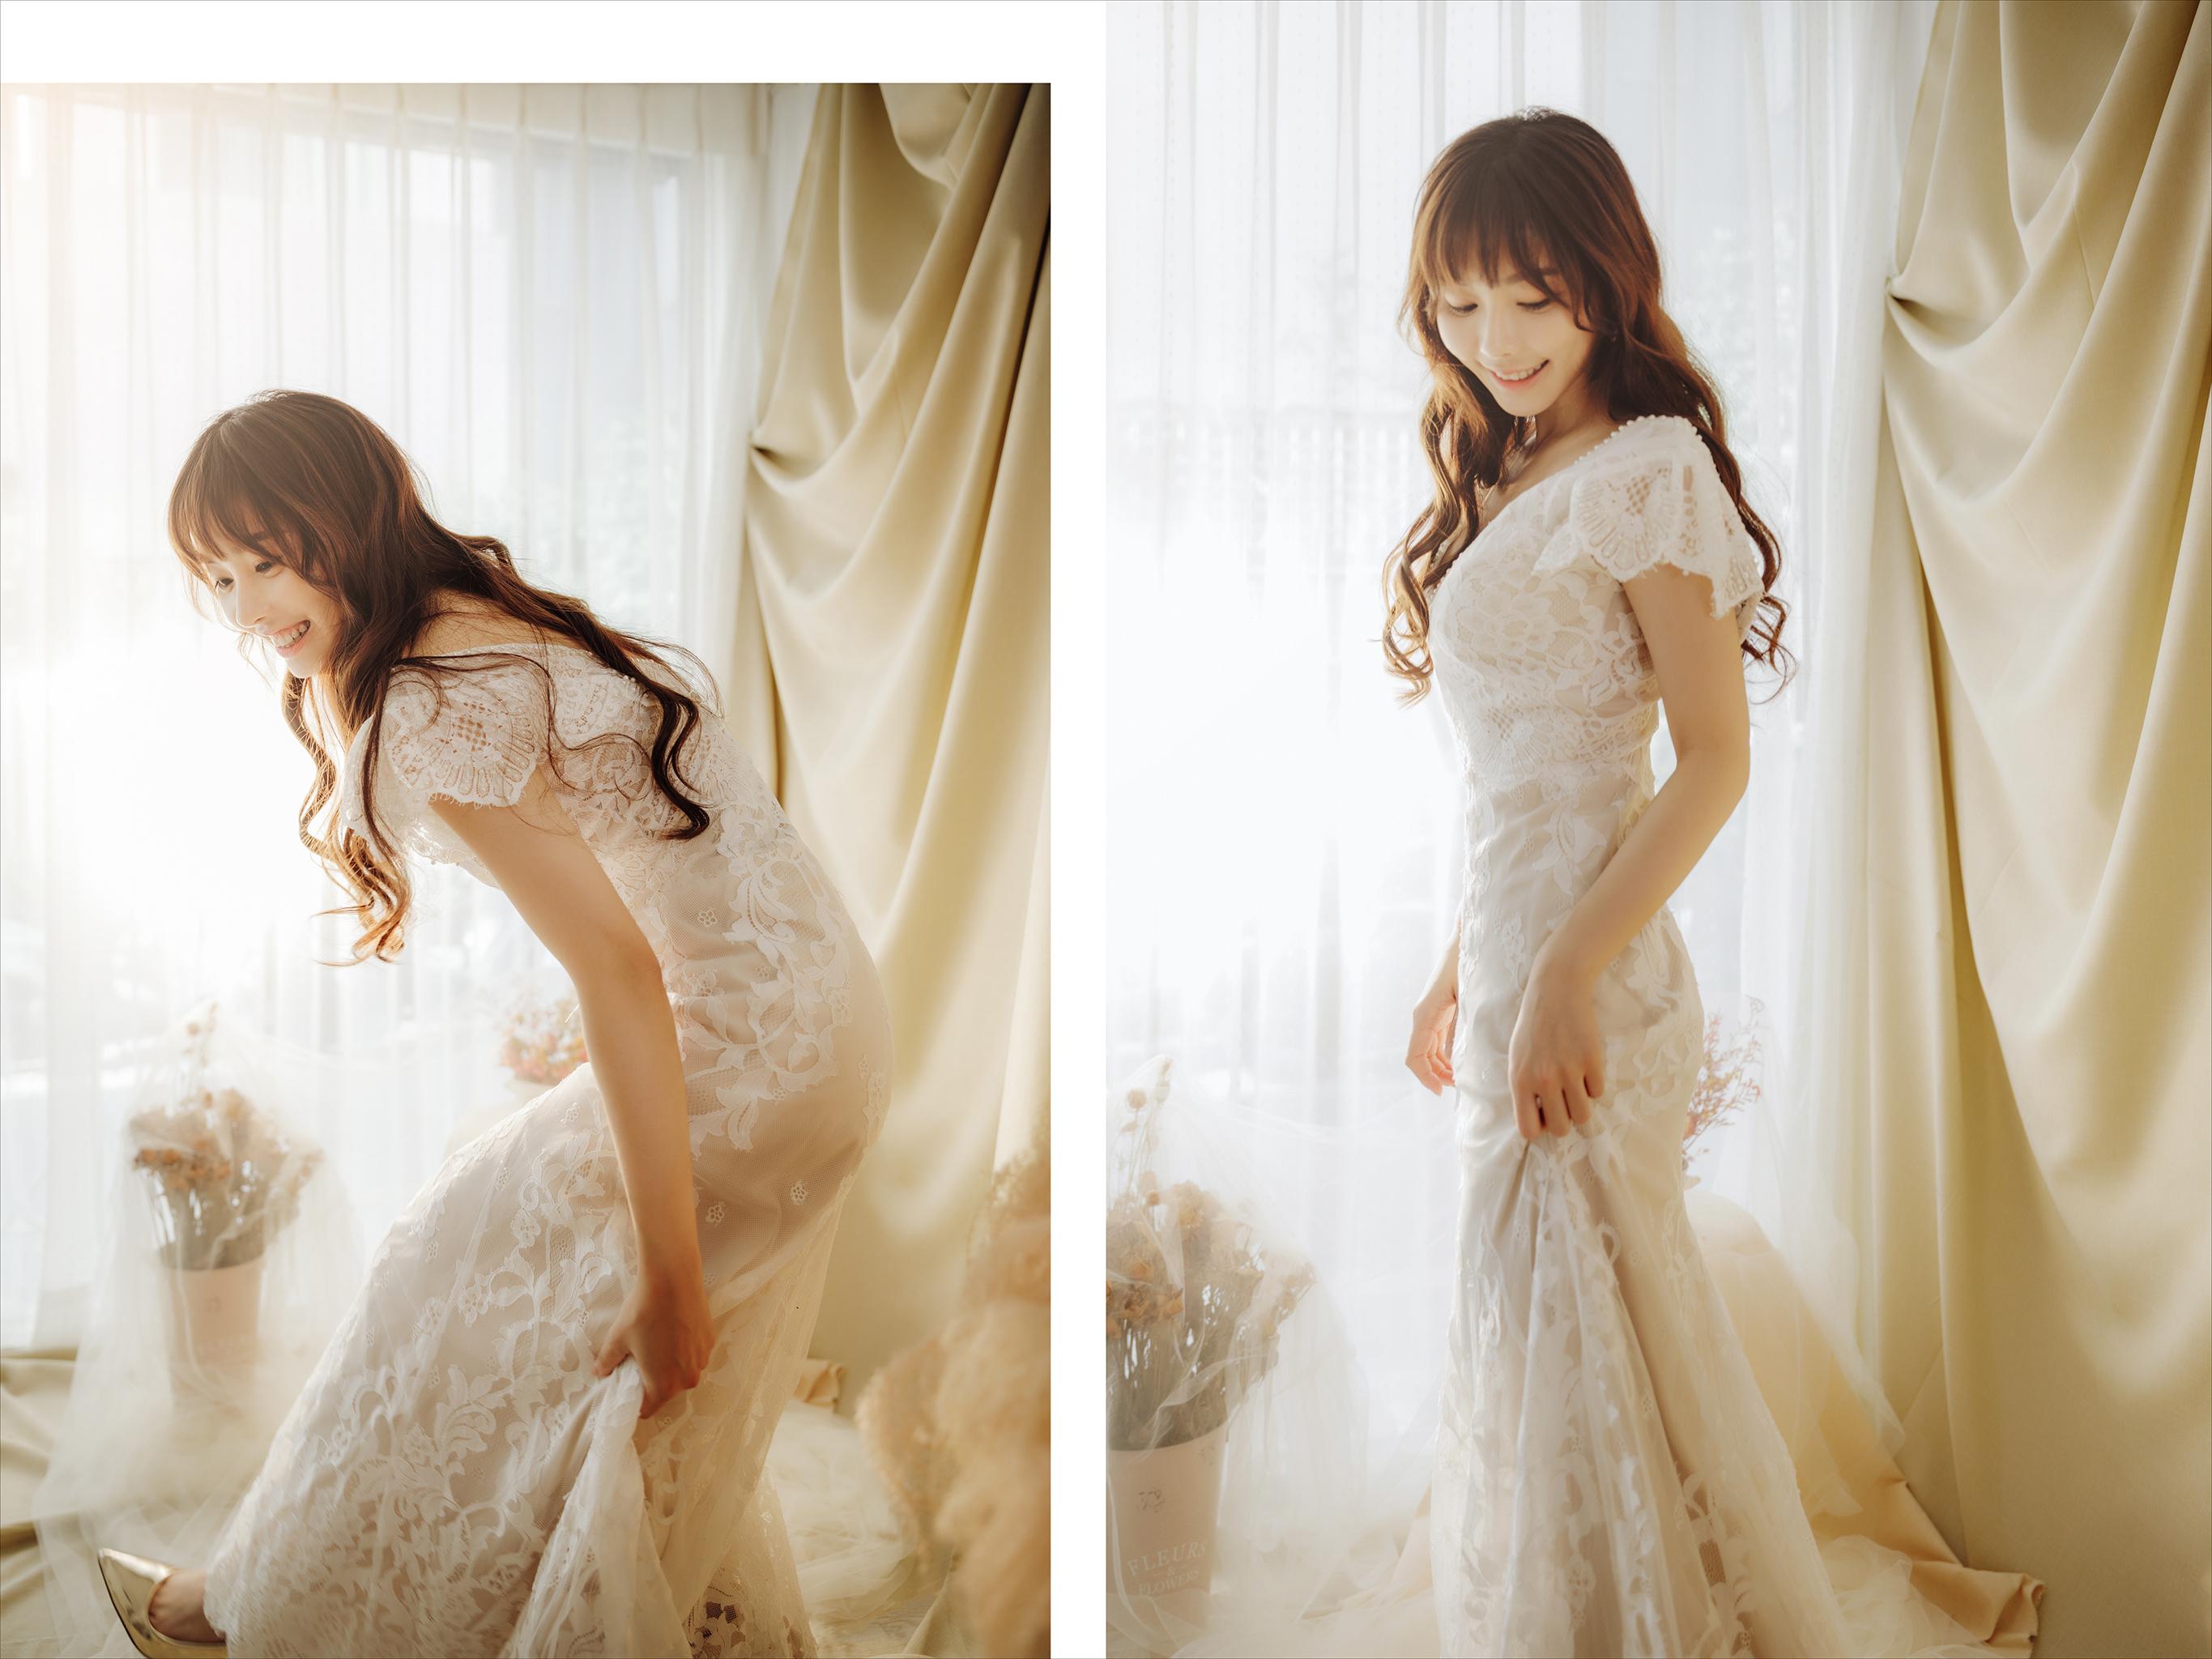 48956962166 45c3a02b4a o - 【自主婚紗】+Yu+